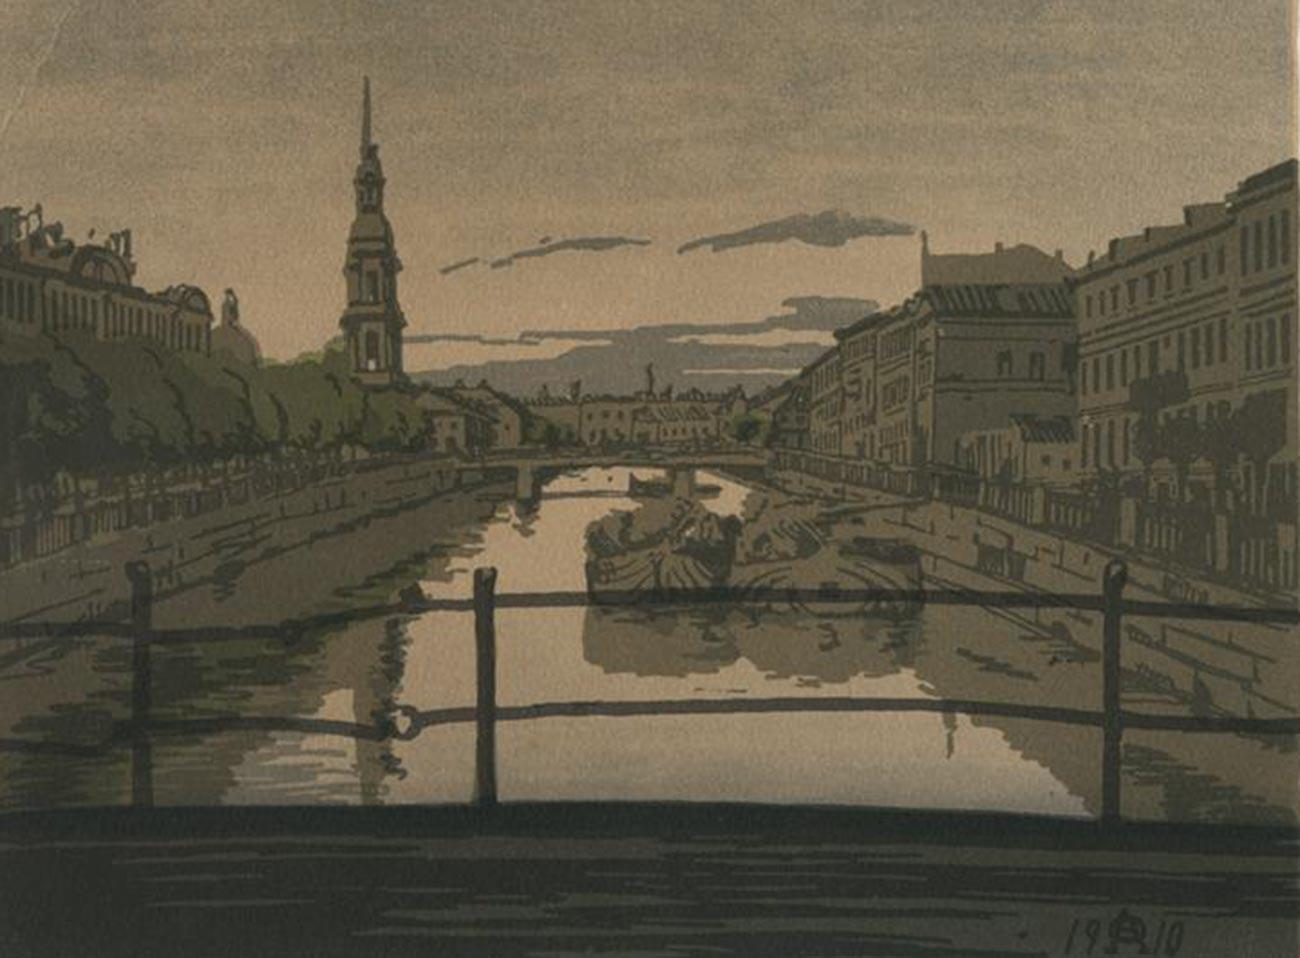 ペテルブルクのクリュコフ運河、1910年